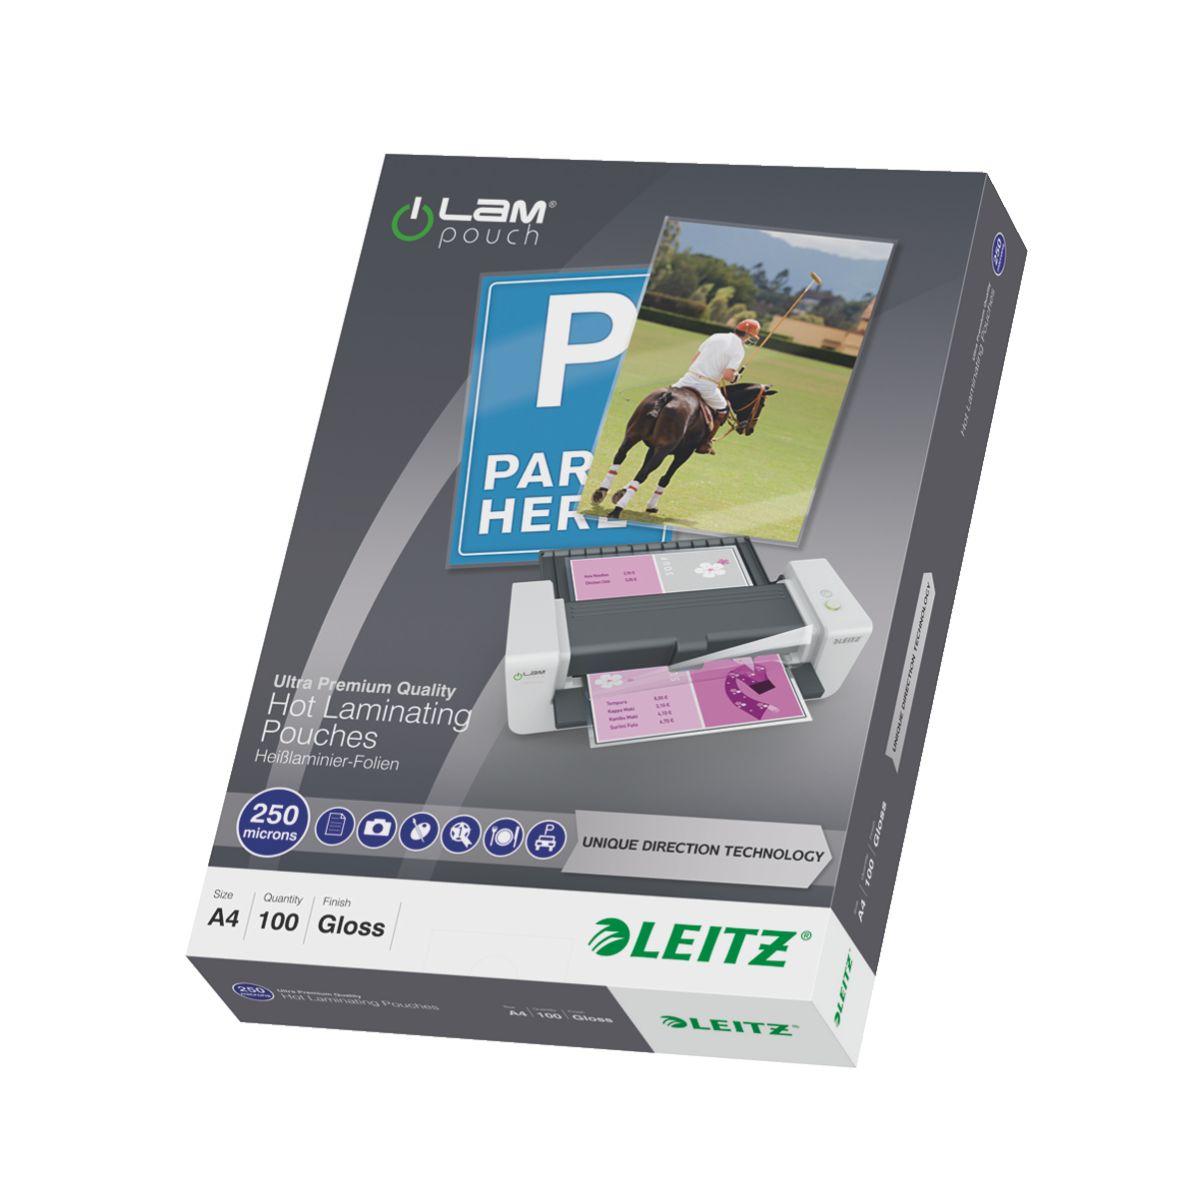 Consommable de bureau pour plastifieuse leitz pochettes 250 udt a4 boite de 100 - livraison offerte : code liv (photo)